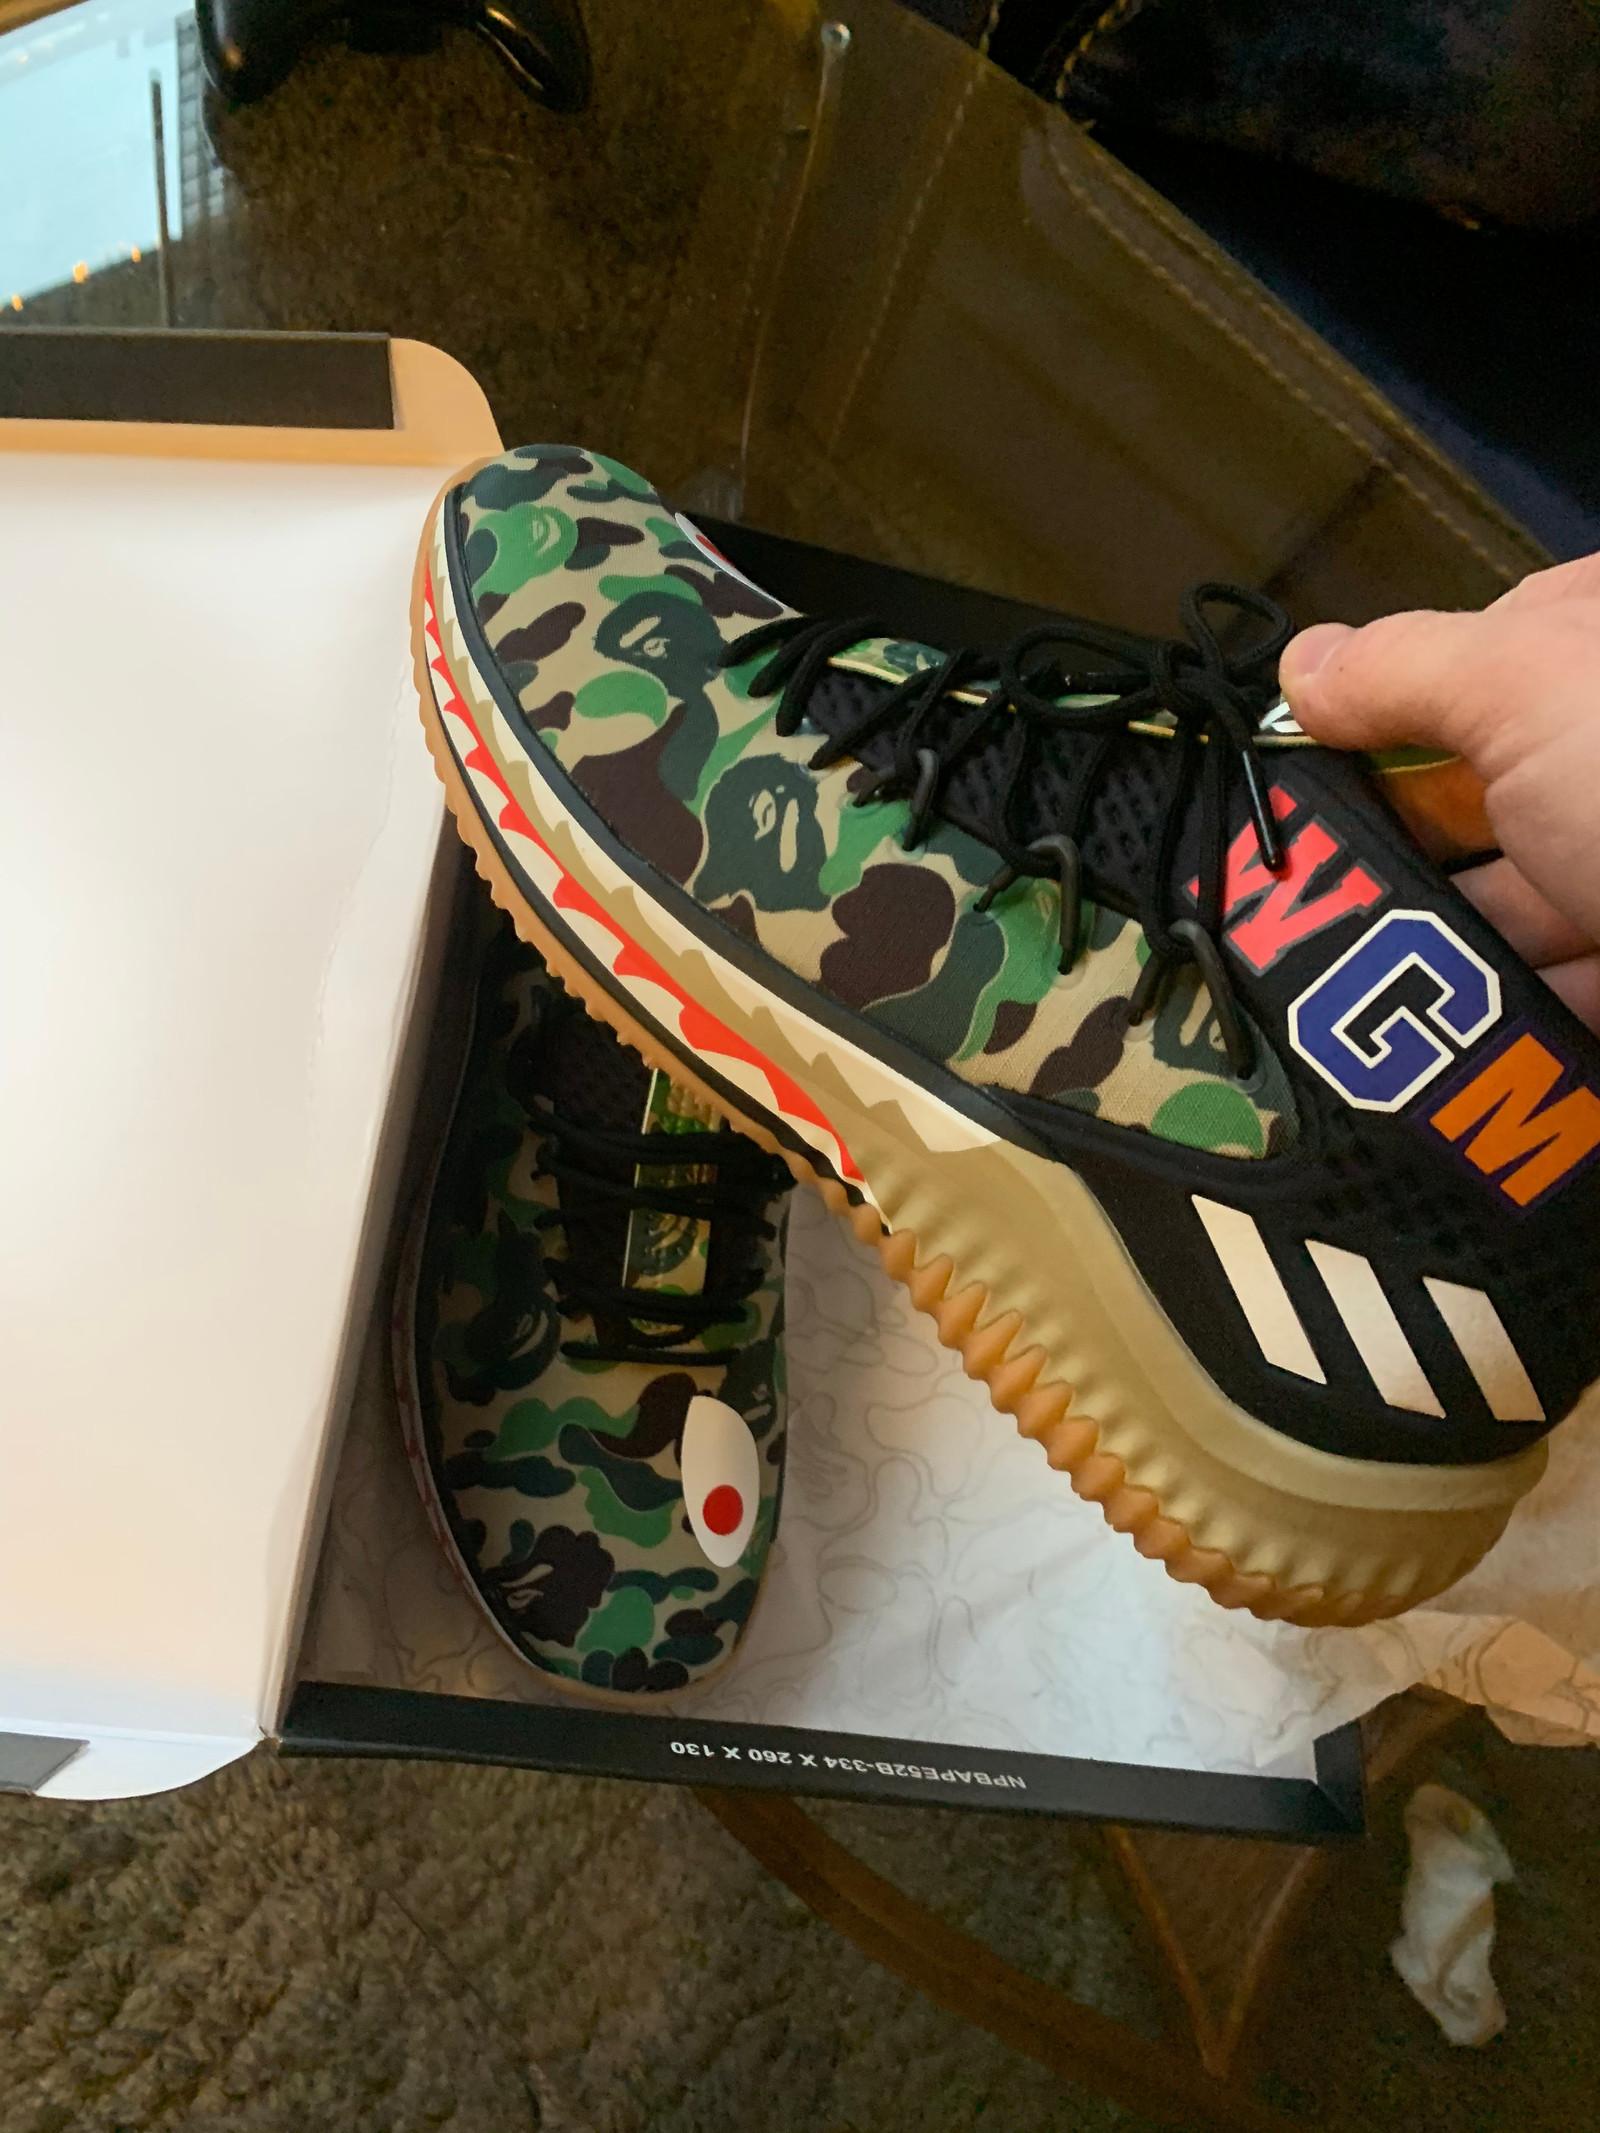 Bape X Adidas dame 4 basketsko EU 45 DSWT   FINN.no